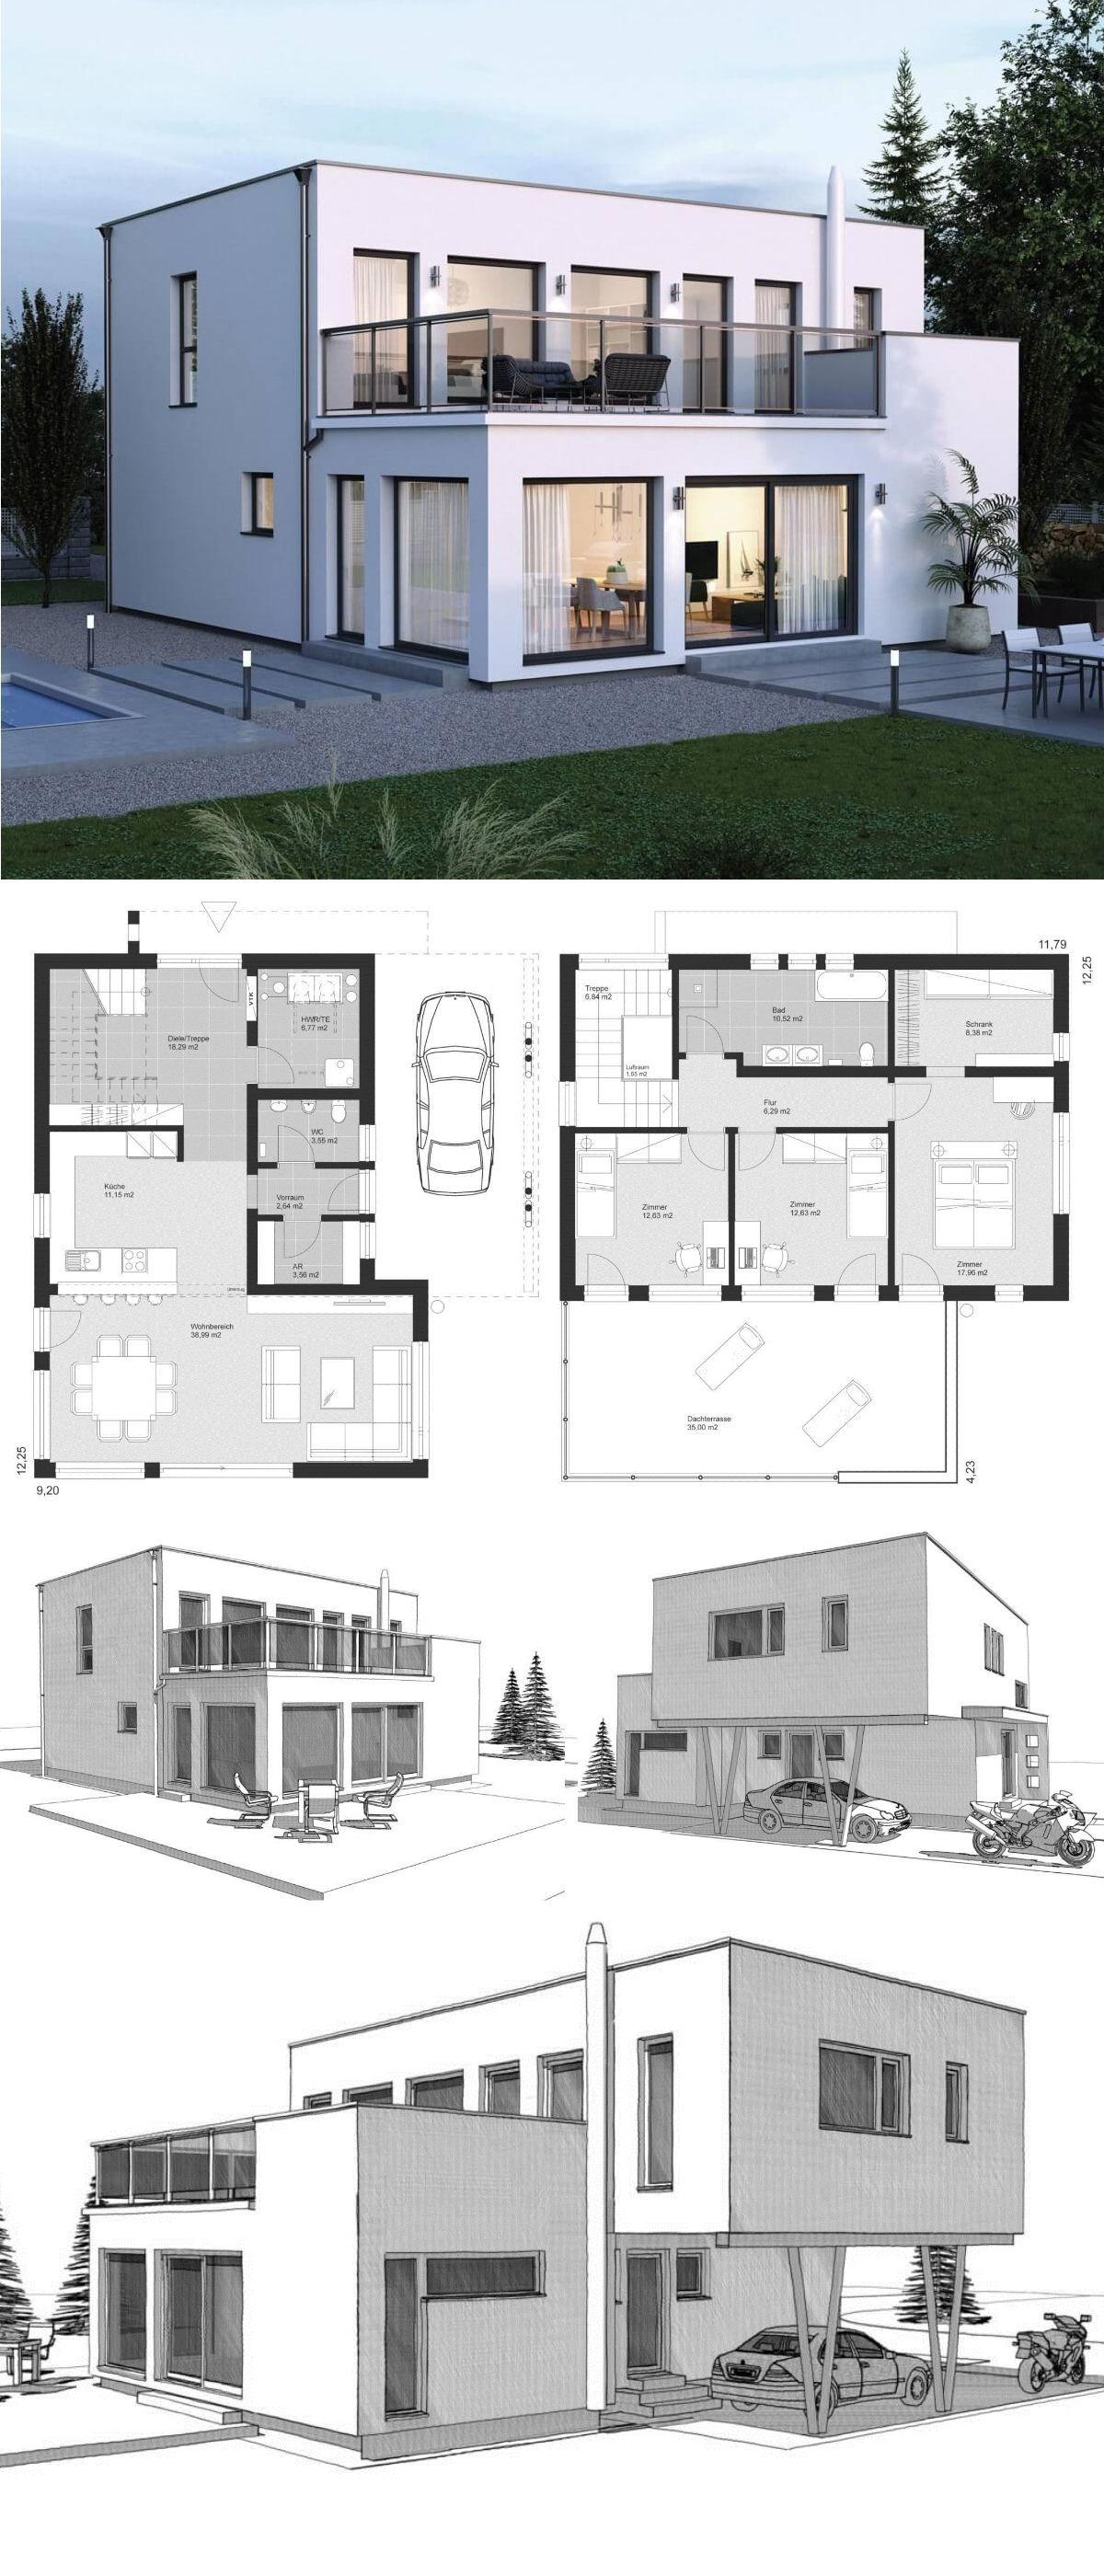 Haus Mit Dachterrasse Bauen stadtvilla neubau modern im bauhausstil grundriss mit flachdach